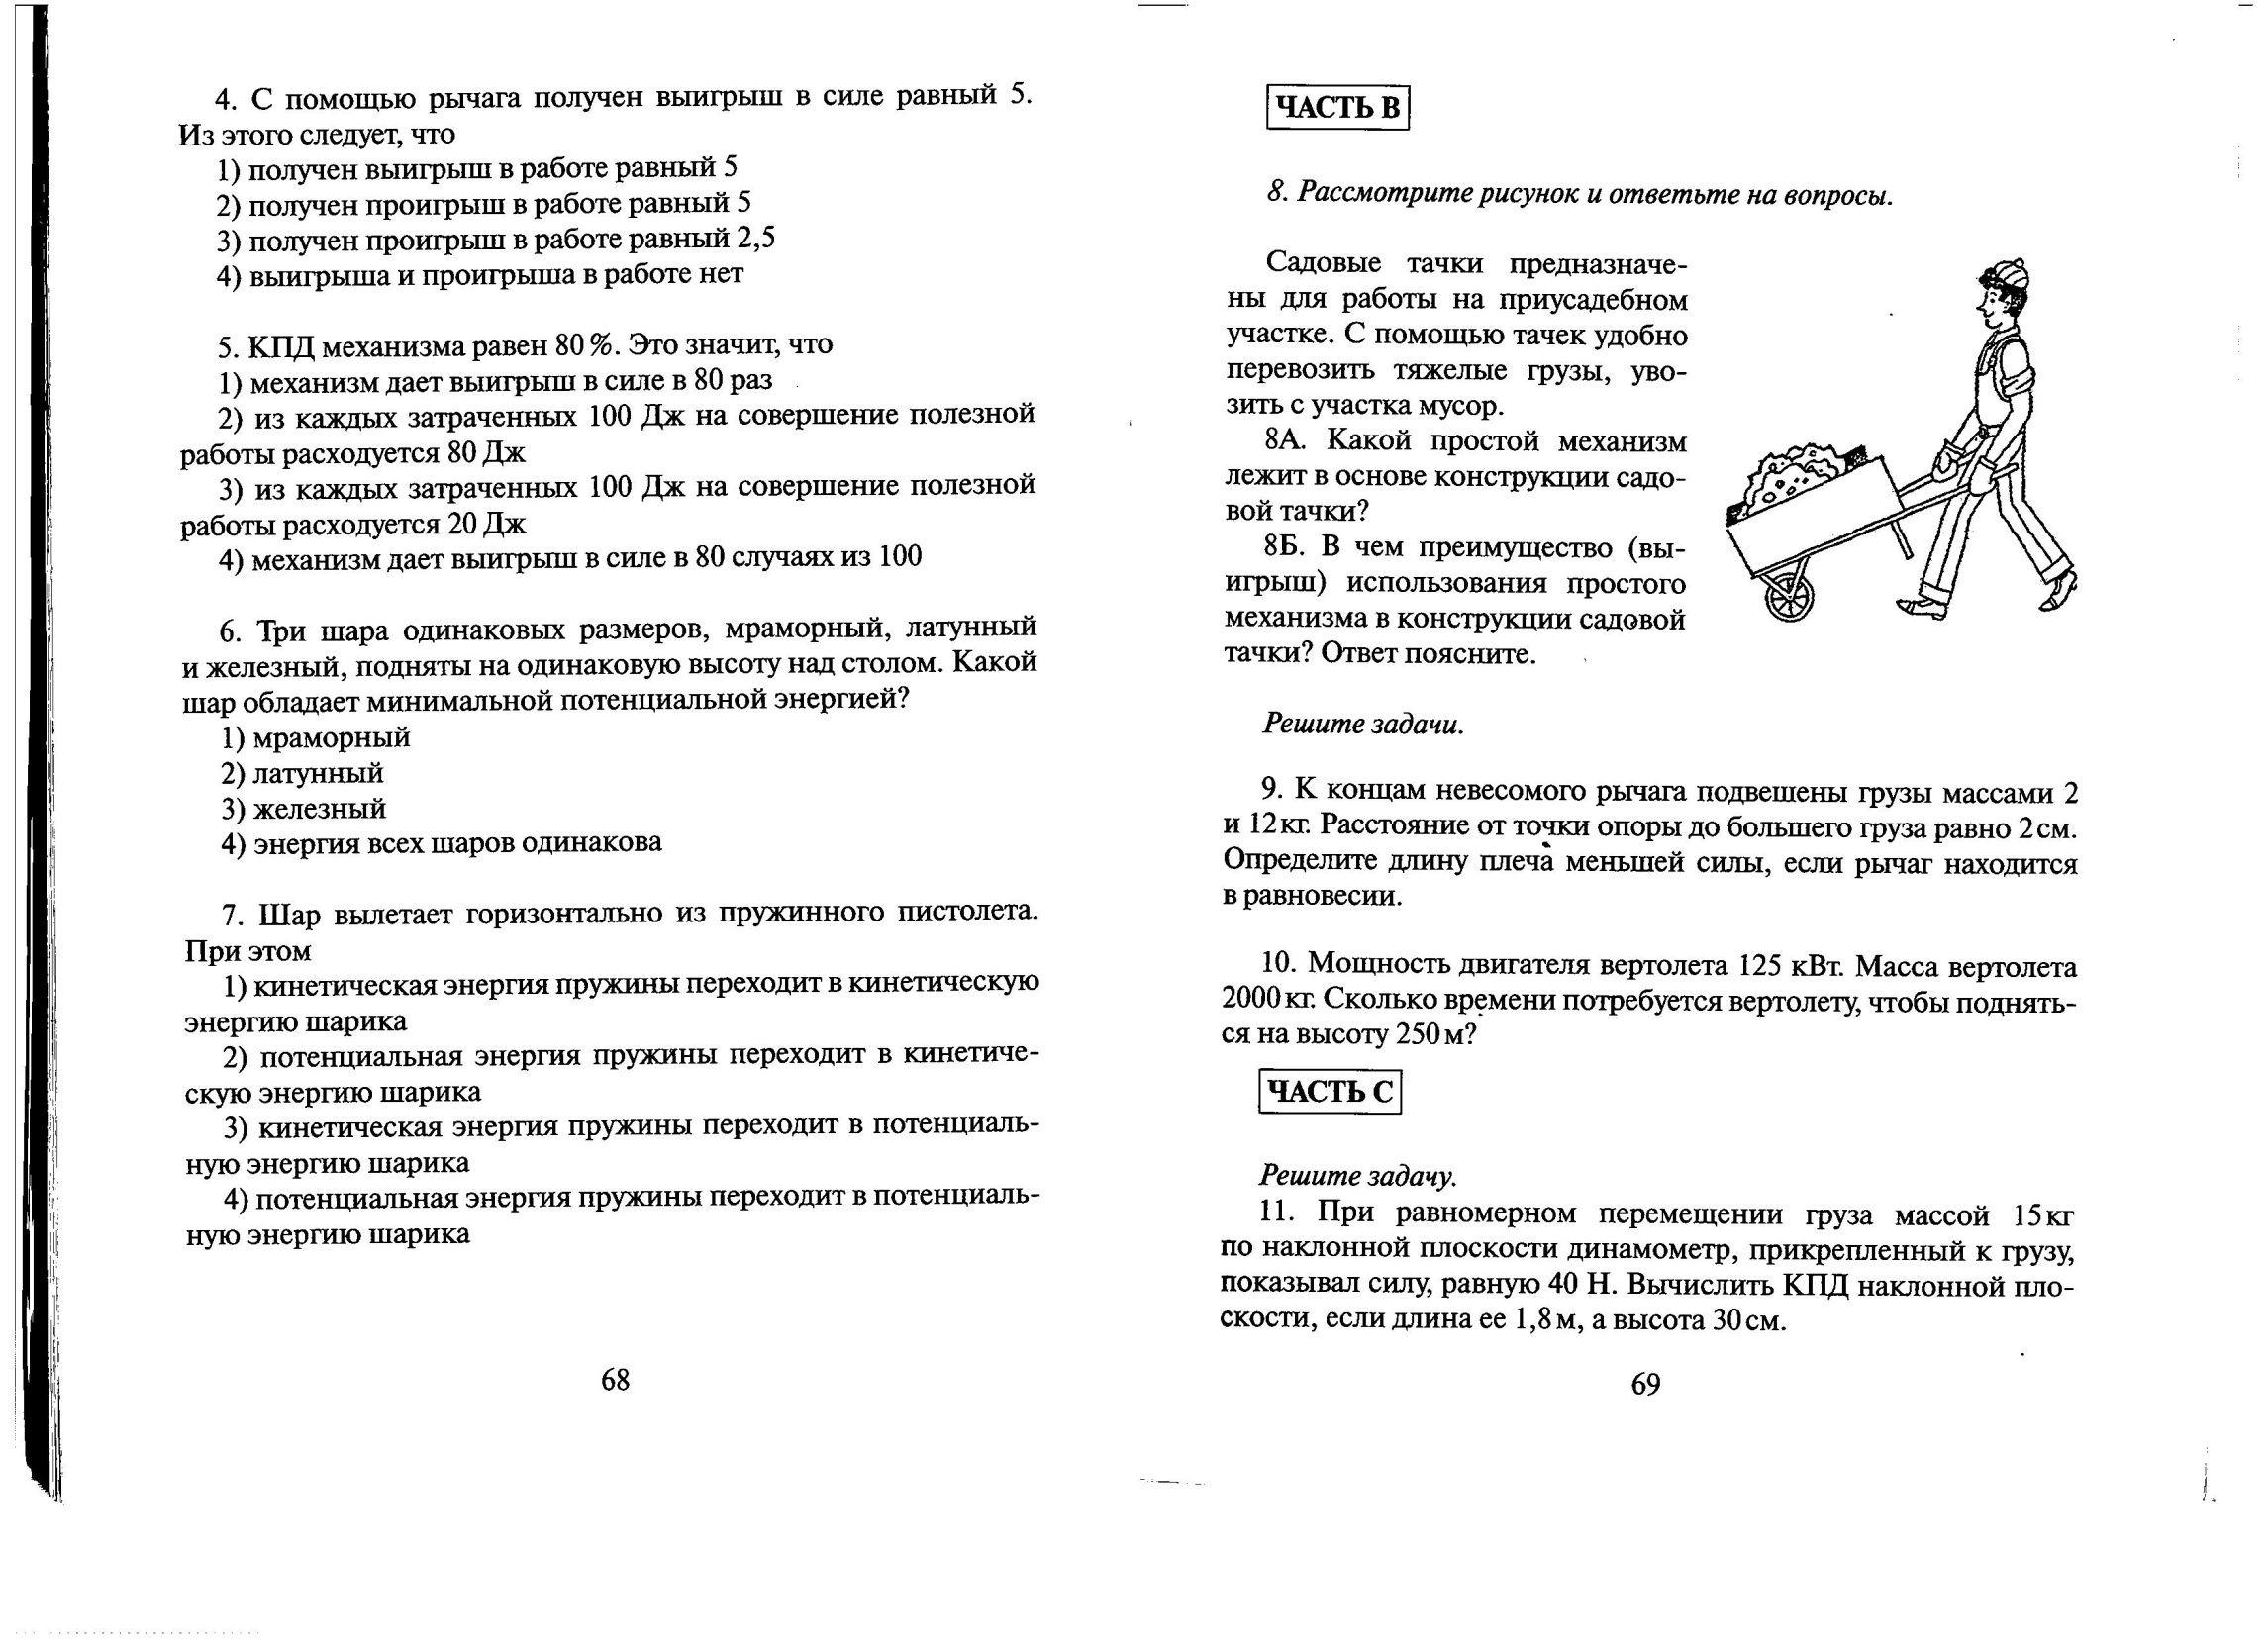 Решебник гдз алгебра 8 класс для русских школ укр мерзляк а г полонский в б якира м с